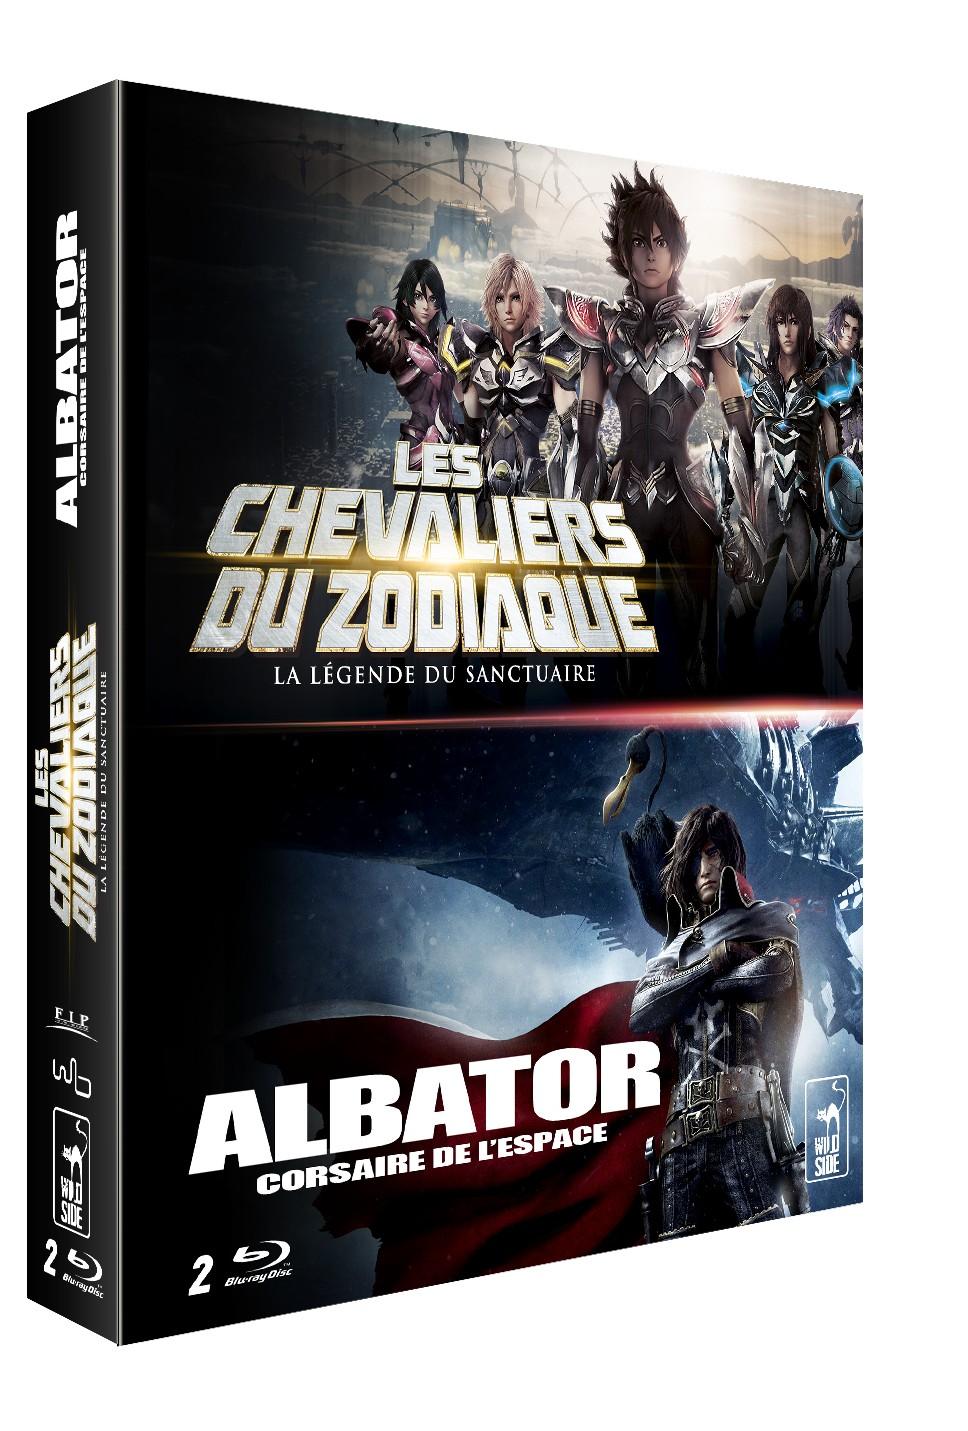 LES CHEVALIERS DU ZODIAQUE : LA LÉGENDE DU SANCTUAIRE + ALBATOR, CORSAIRE DE L'ESPACE (2013) - BLU-RAY